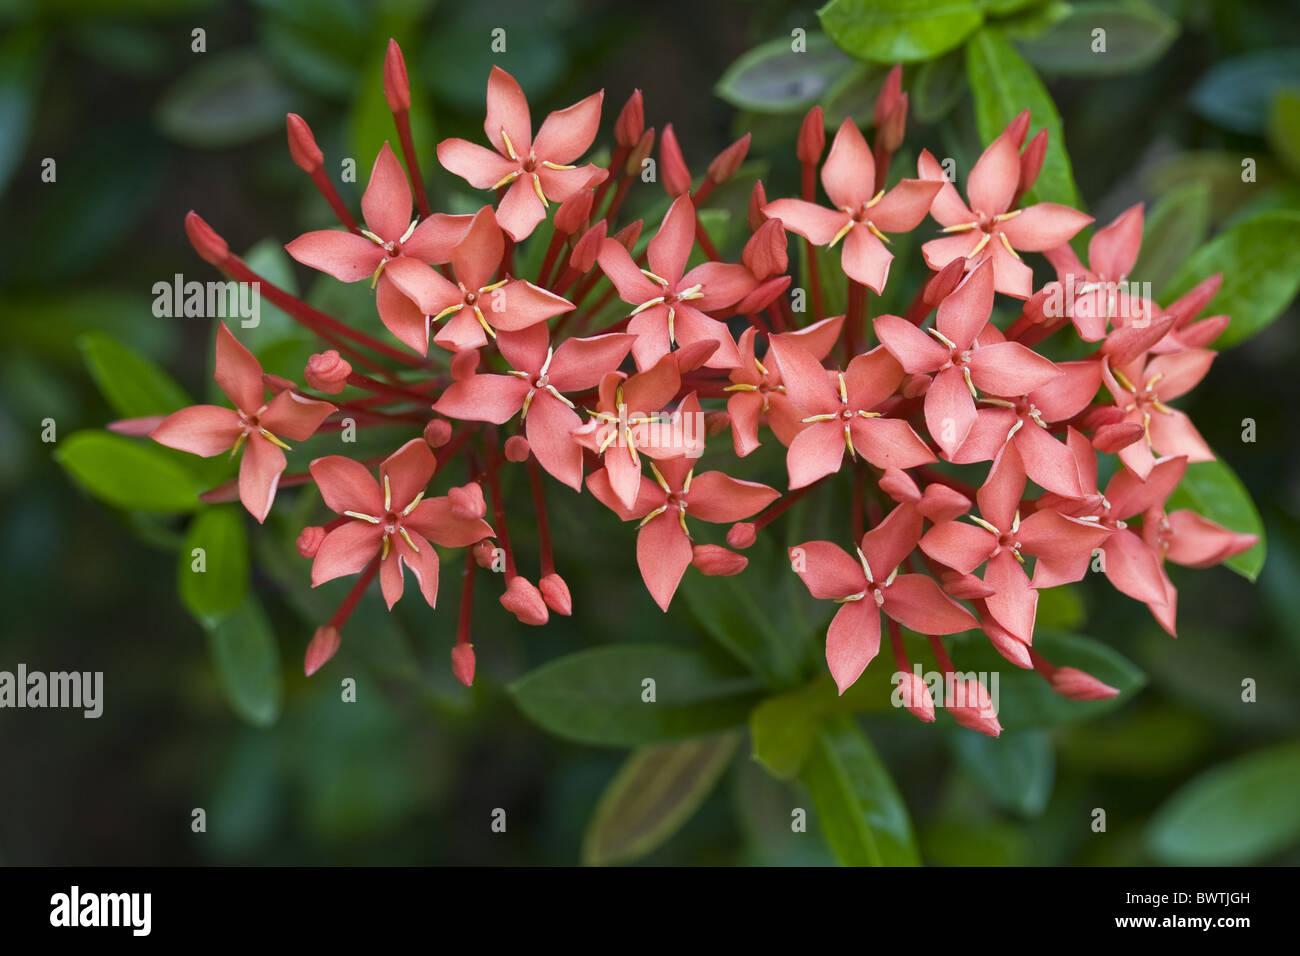 Asiatische Pflanzen asiatische blüte blüten nah nahaufnahme nahaufnahmen